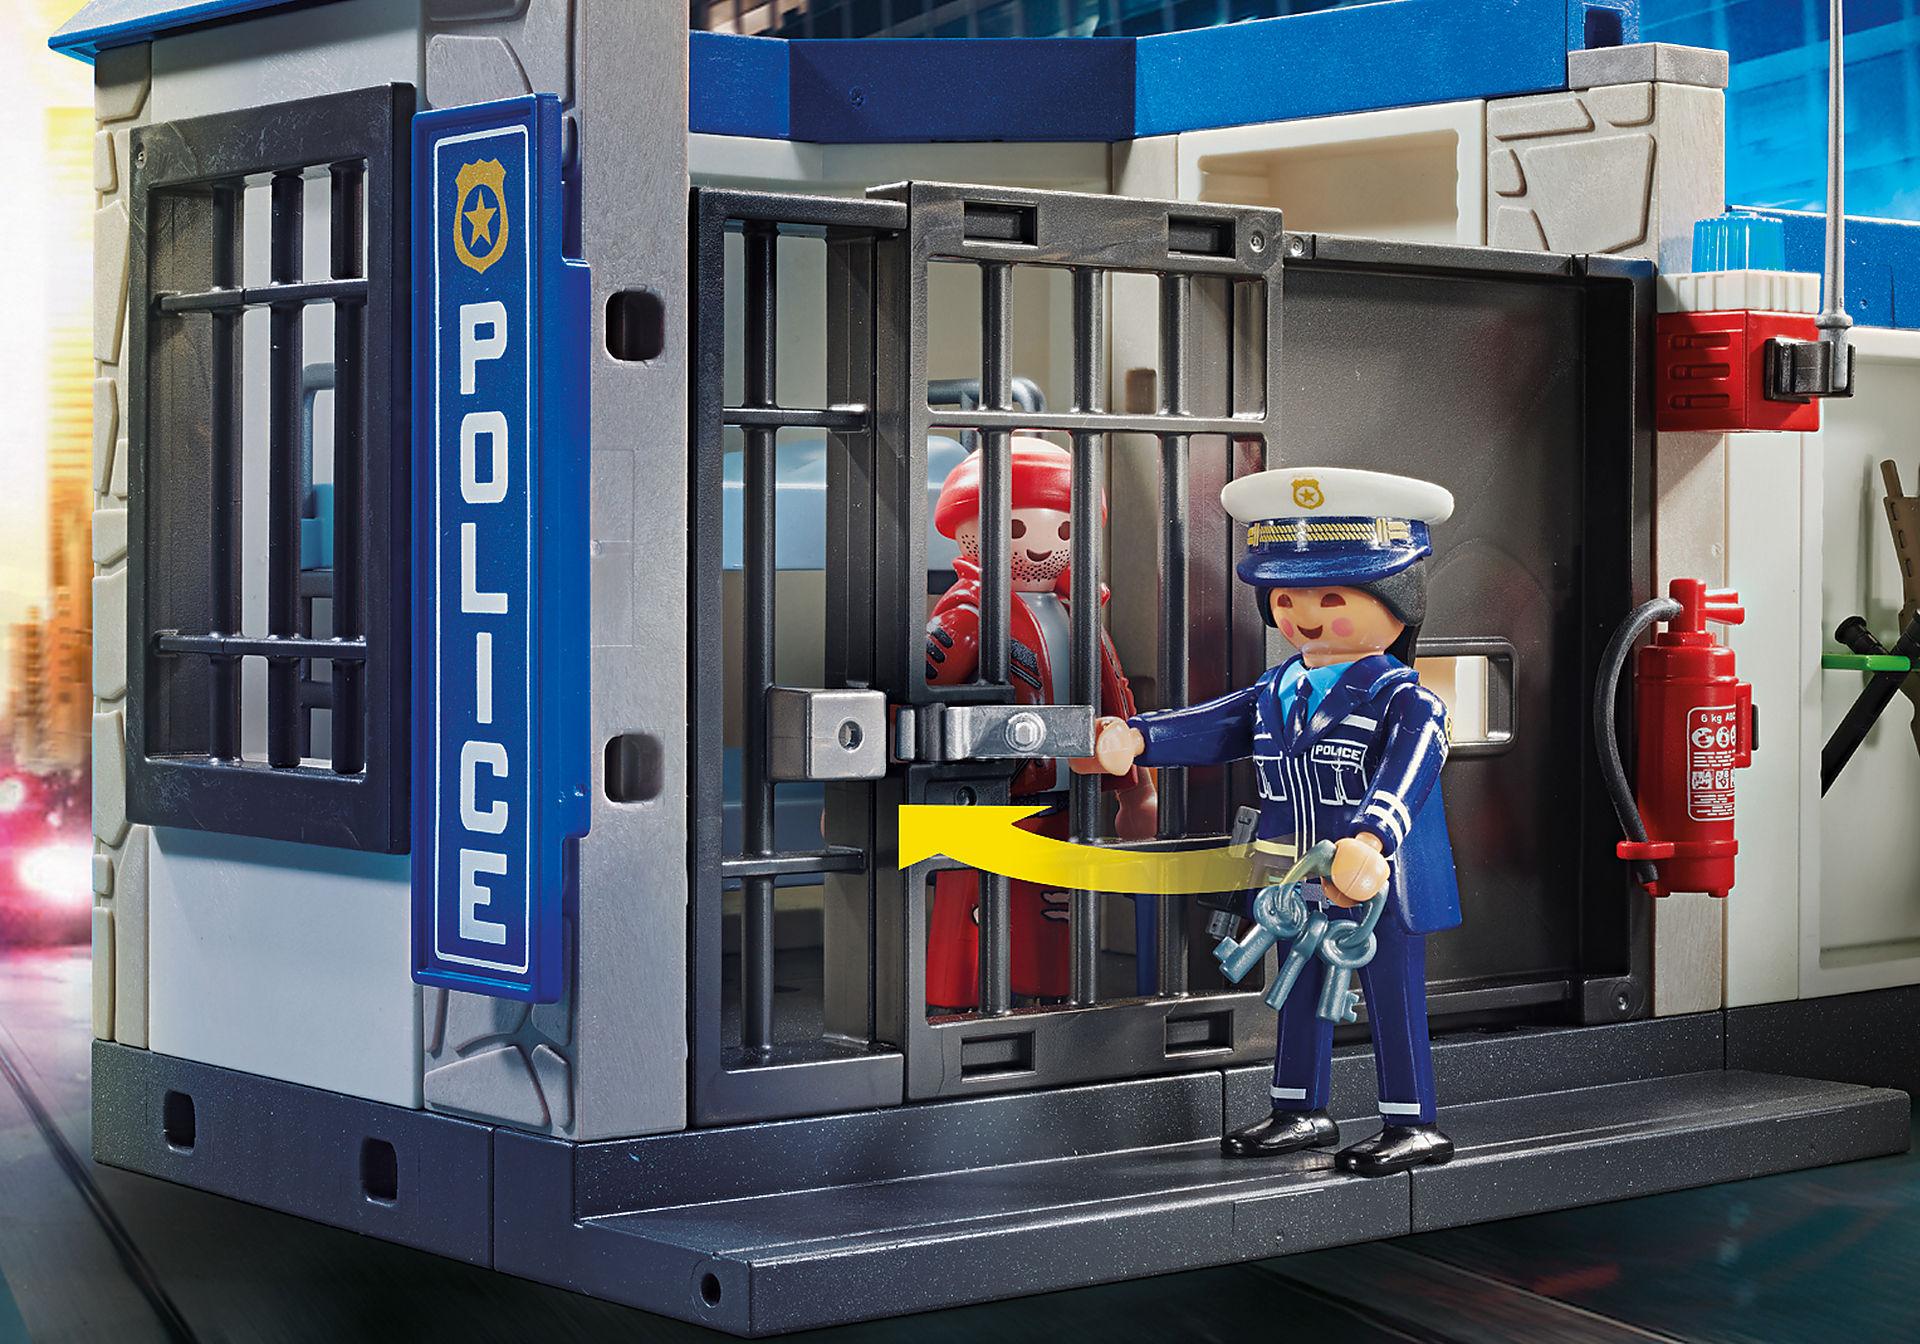 70568 Polizei: Flucht aus dem Gefängnis zoom image6